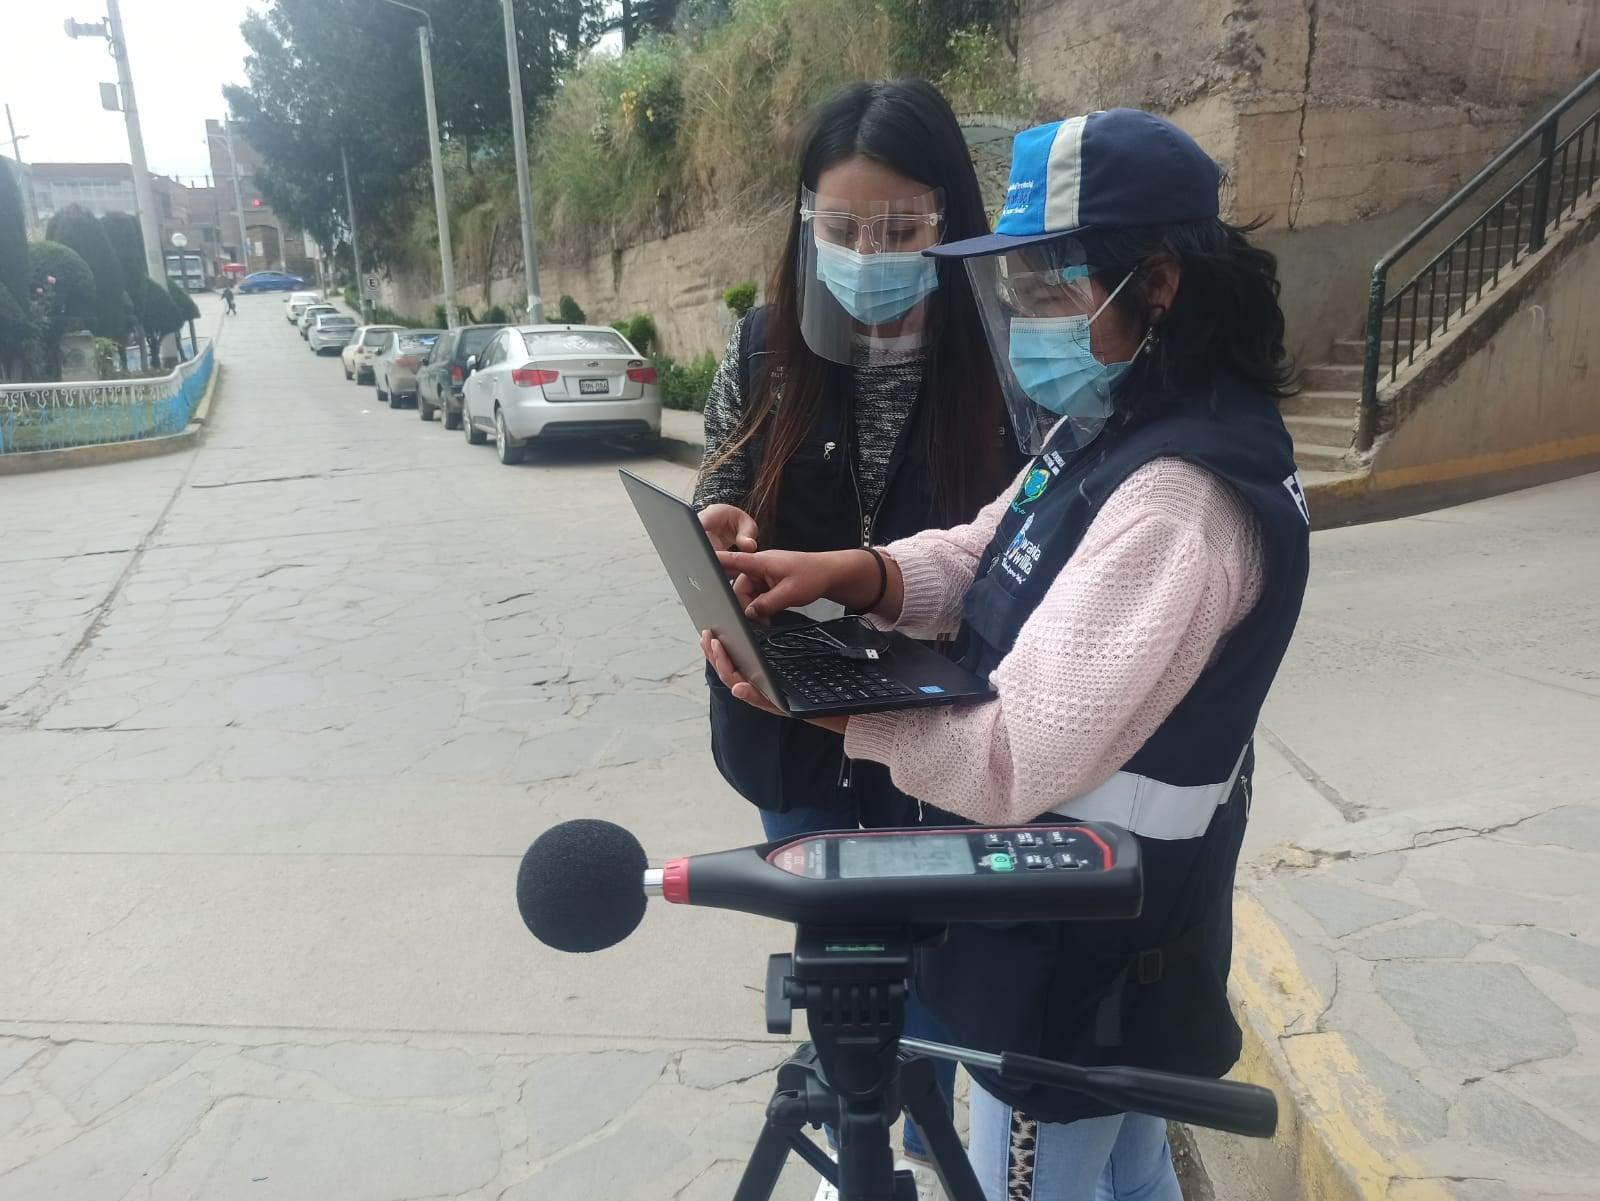 MUNICIPALIDAD PROVINCIAL DE HUANCAVELICA REALIZA MEDICIÓN DE RUIDO PARA DETERMINAR CONTAMINACIÓN SONORA EN LA CIUDAD